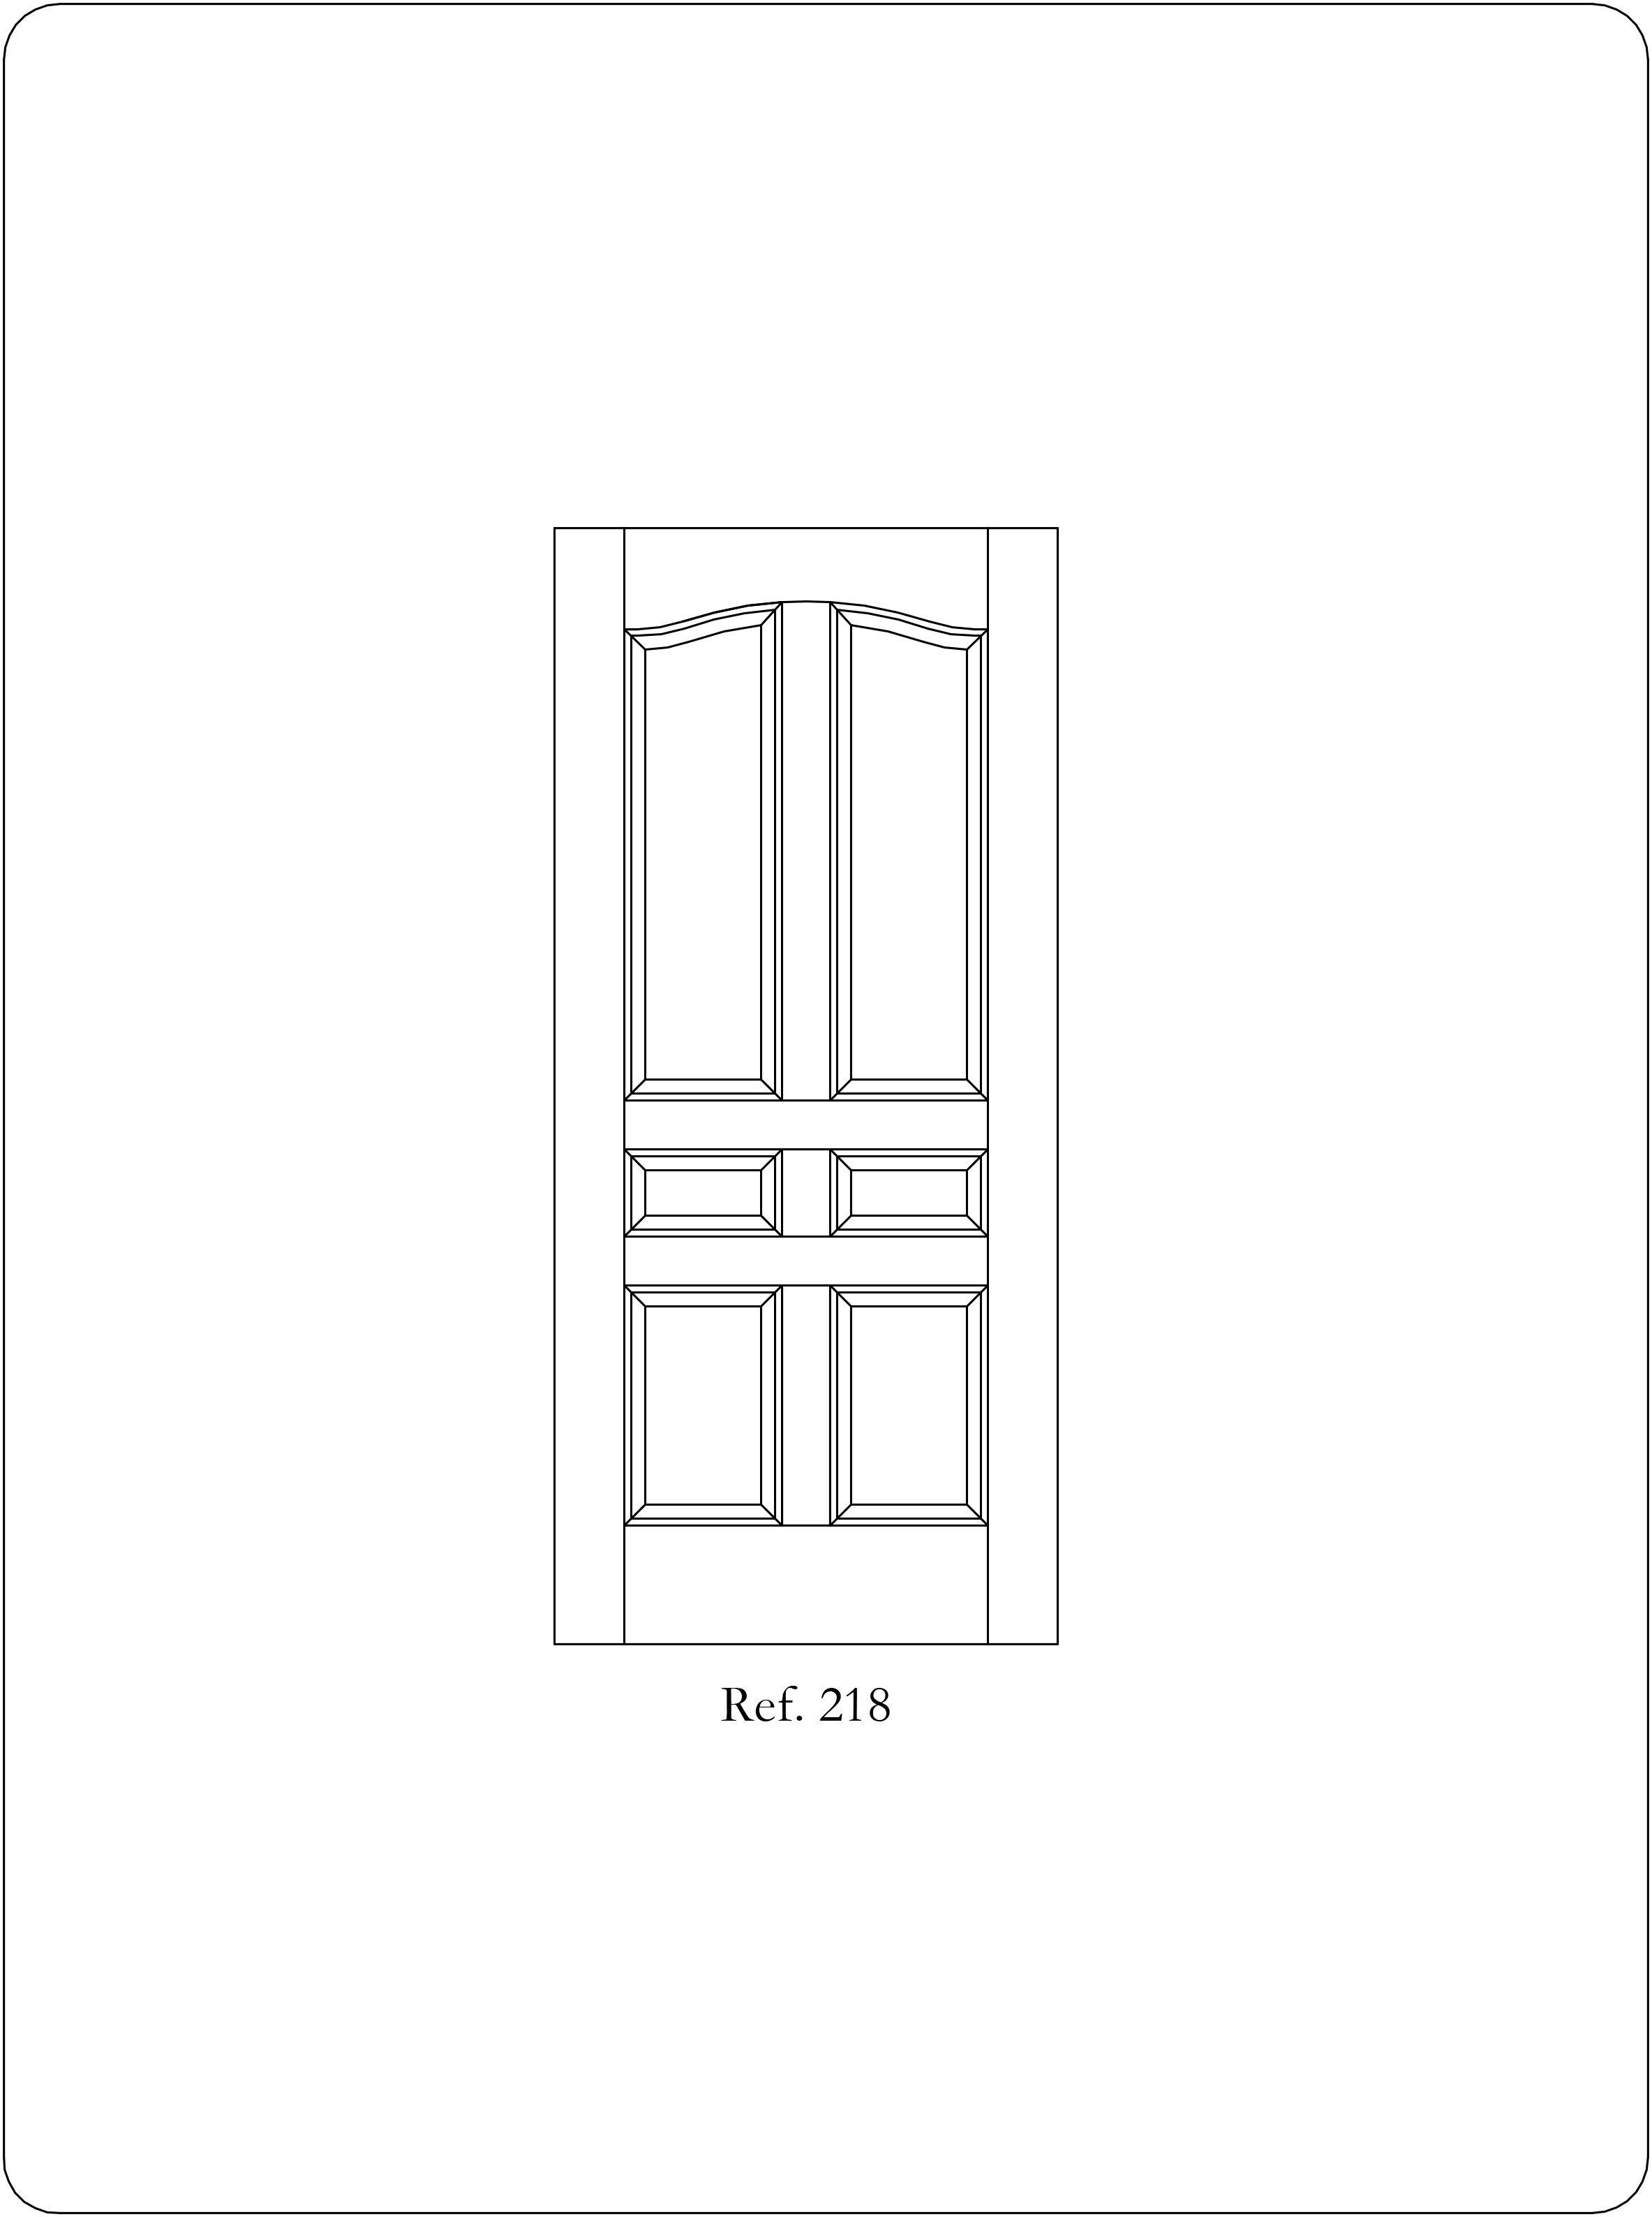 Design Shop Drawings